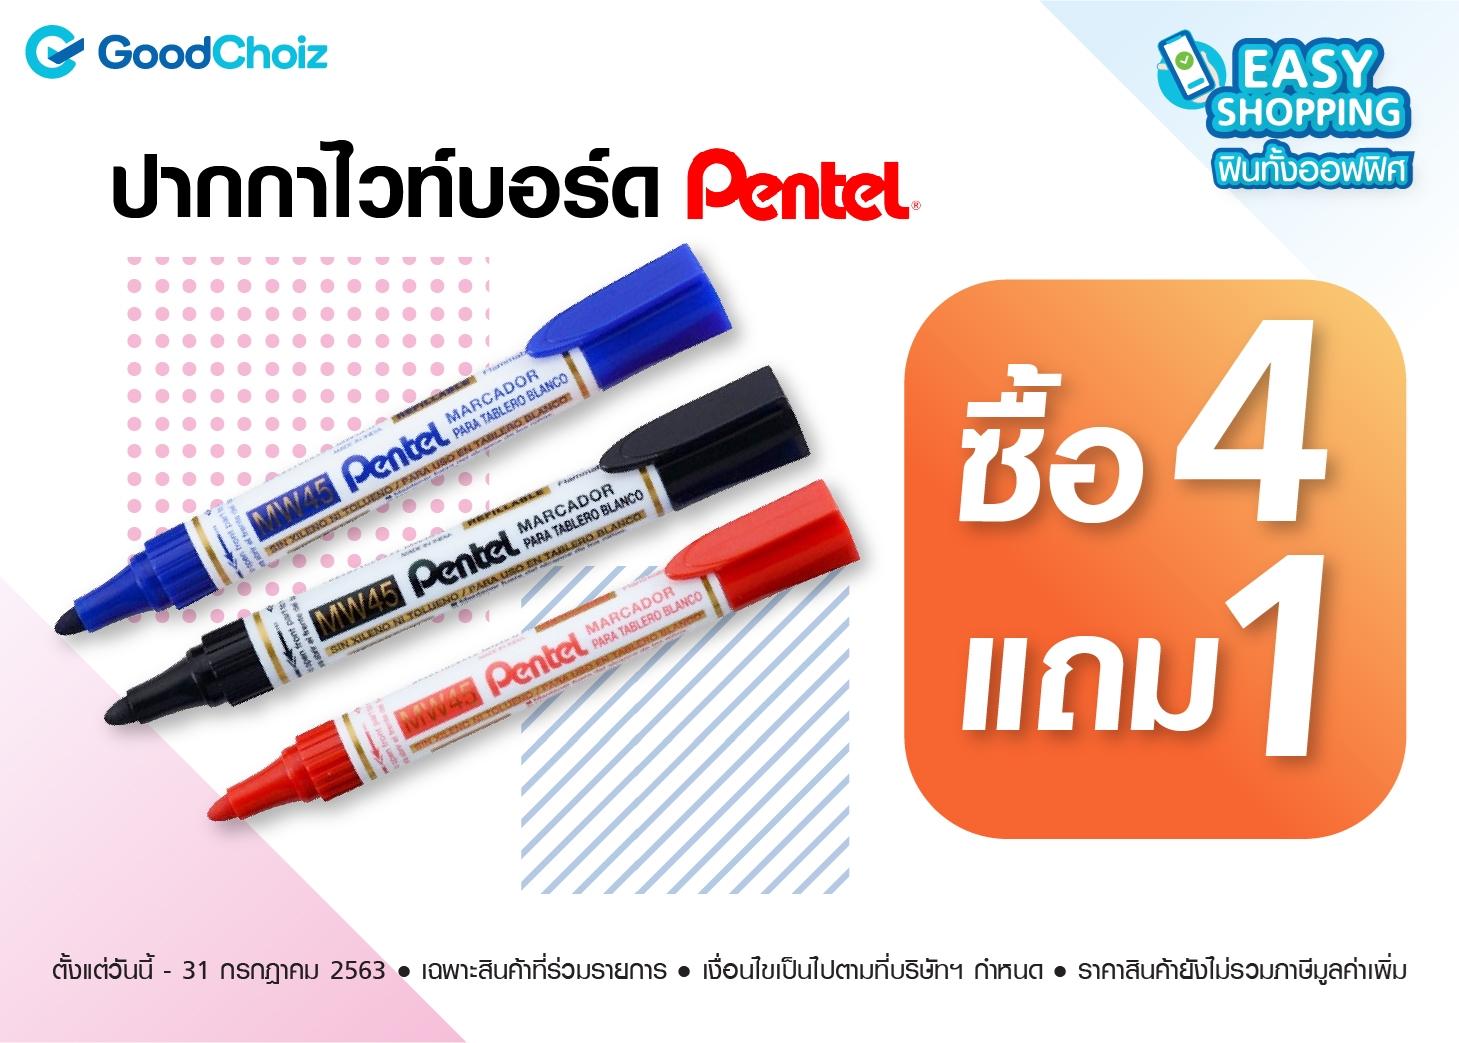 ปากกาไวท์บอร์ด